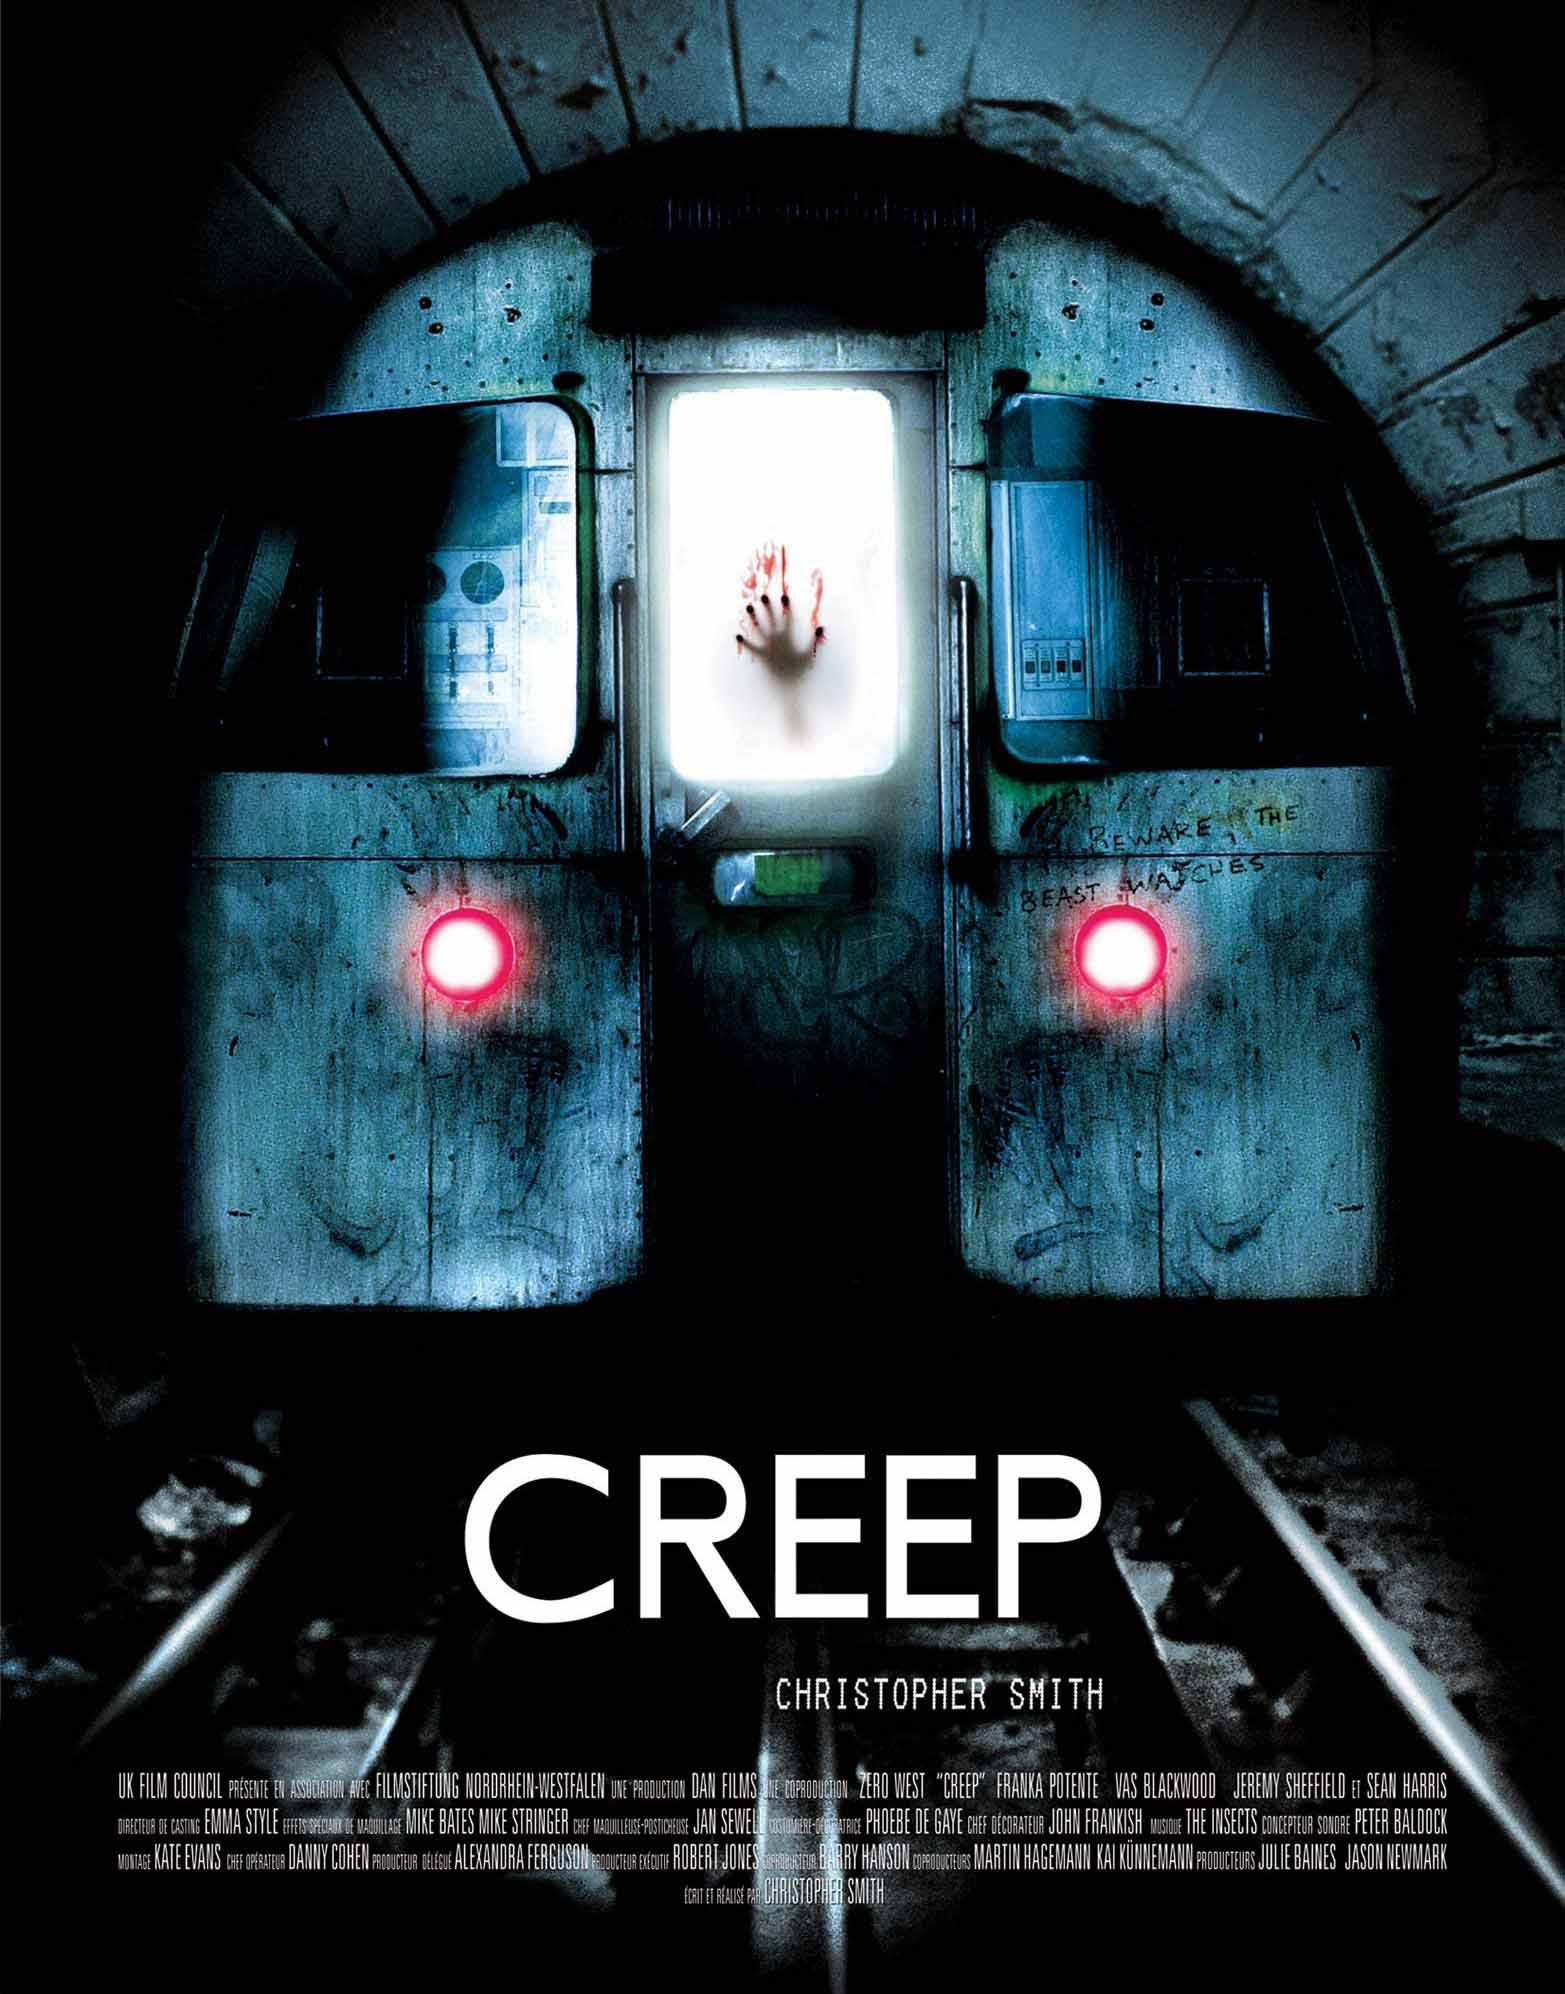 Movie Creep